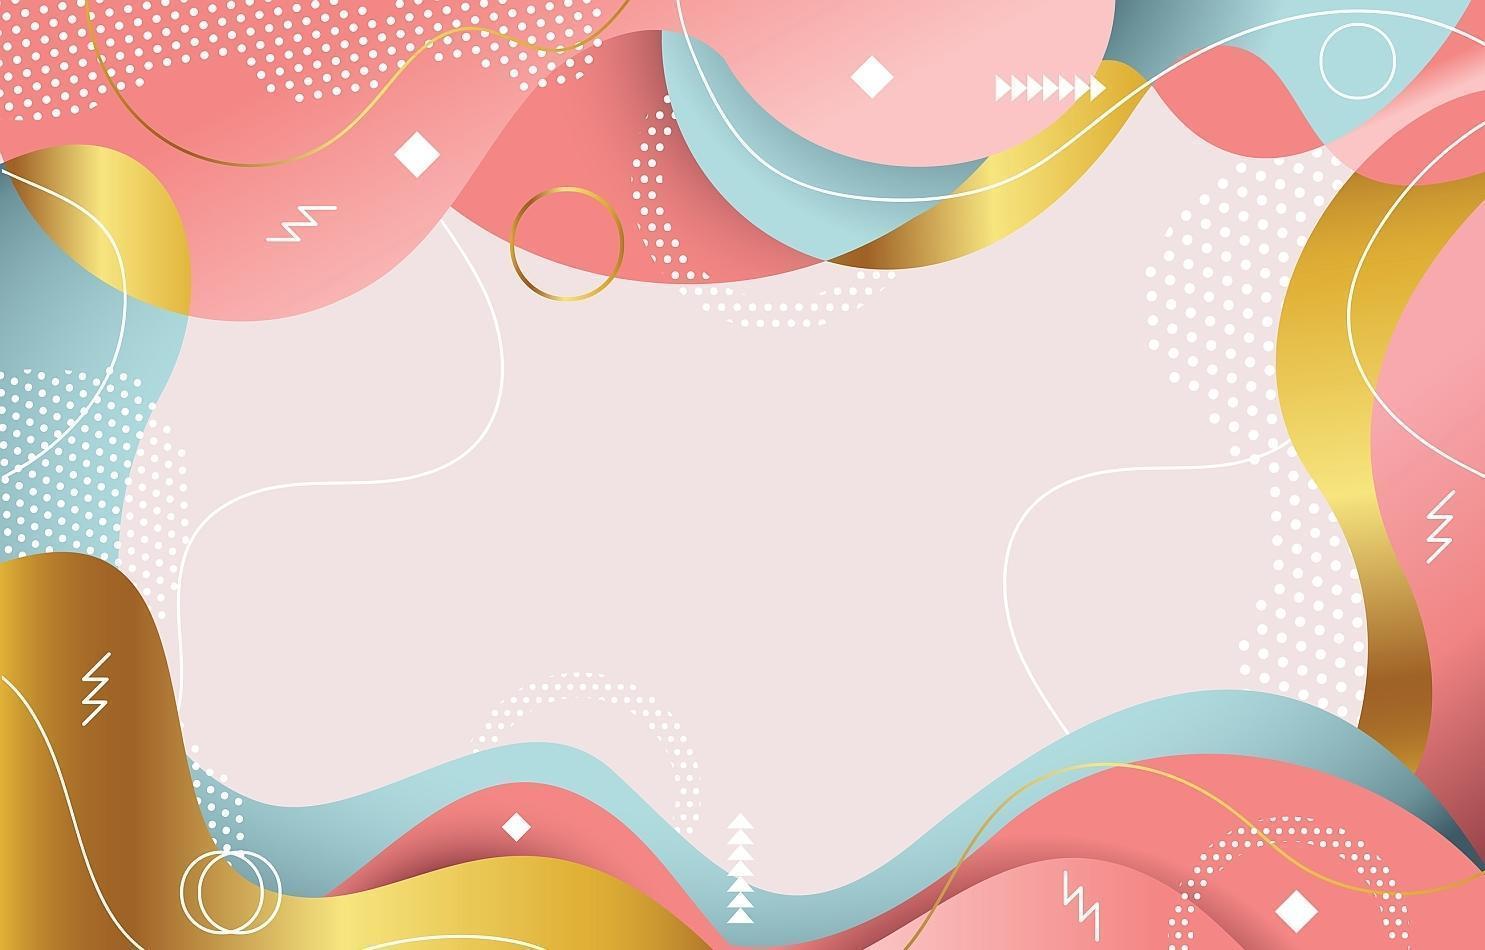 weicher farbiger flacher abstrakter Memphis-Hintergrund vektor